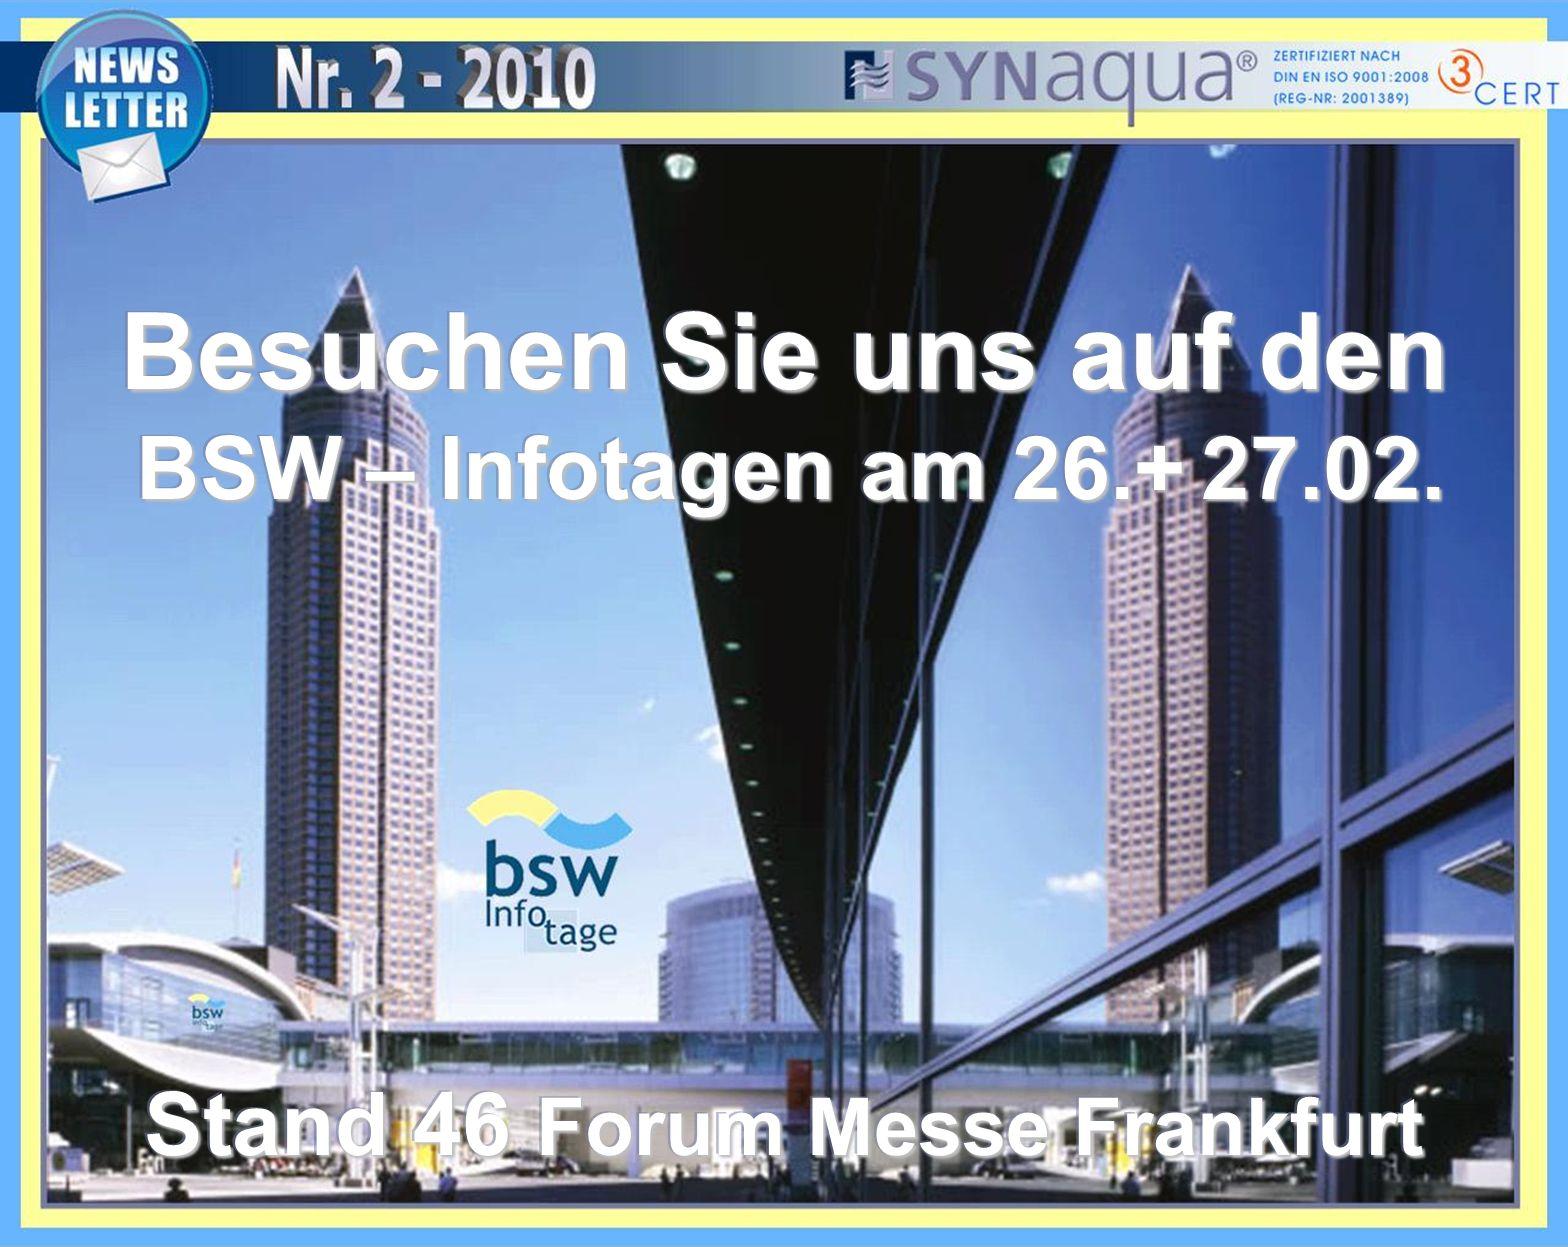 Besuchen Sie uns auf den BSW – Infotagen am 26.+ 27.02.